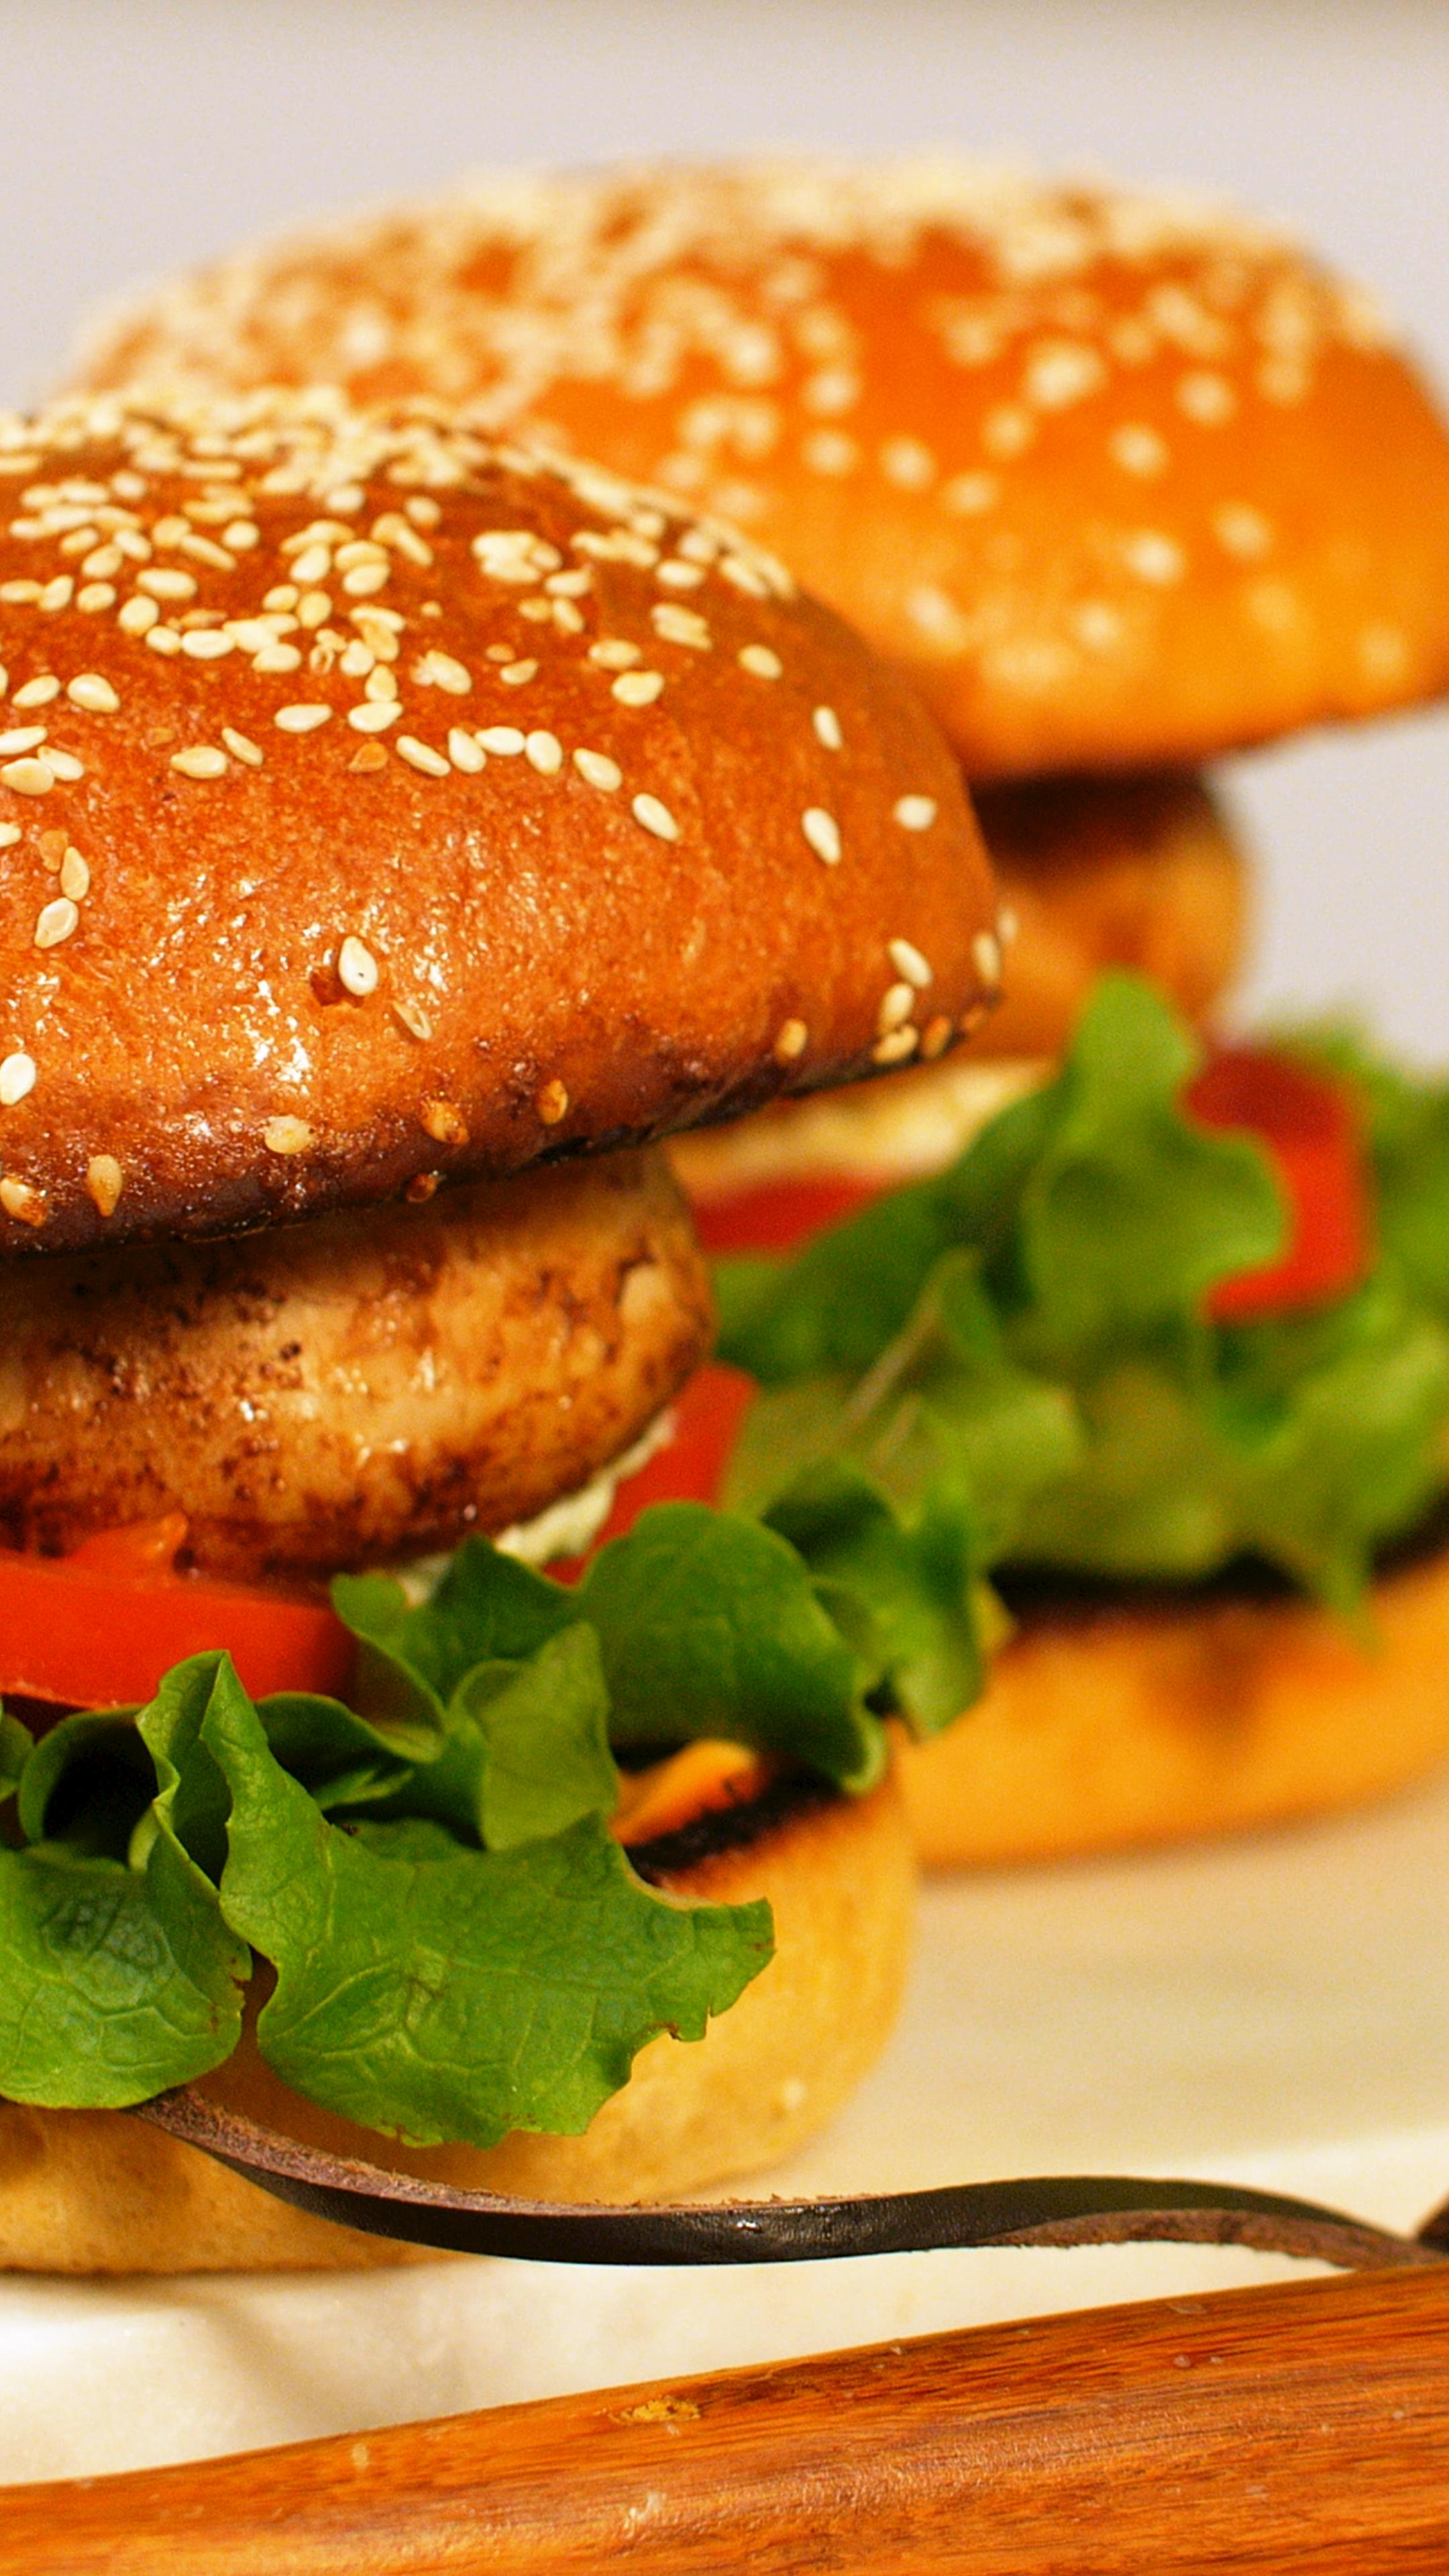 Burger veggie,  #Burger #saladereceptenvideos #veggie